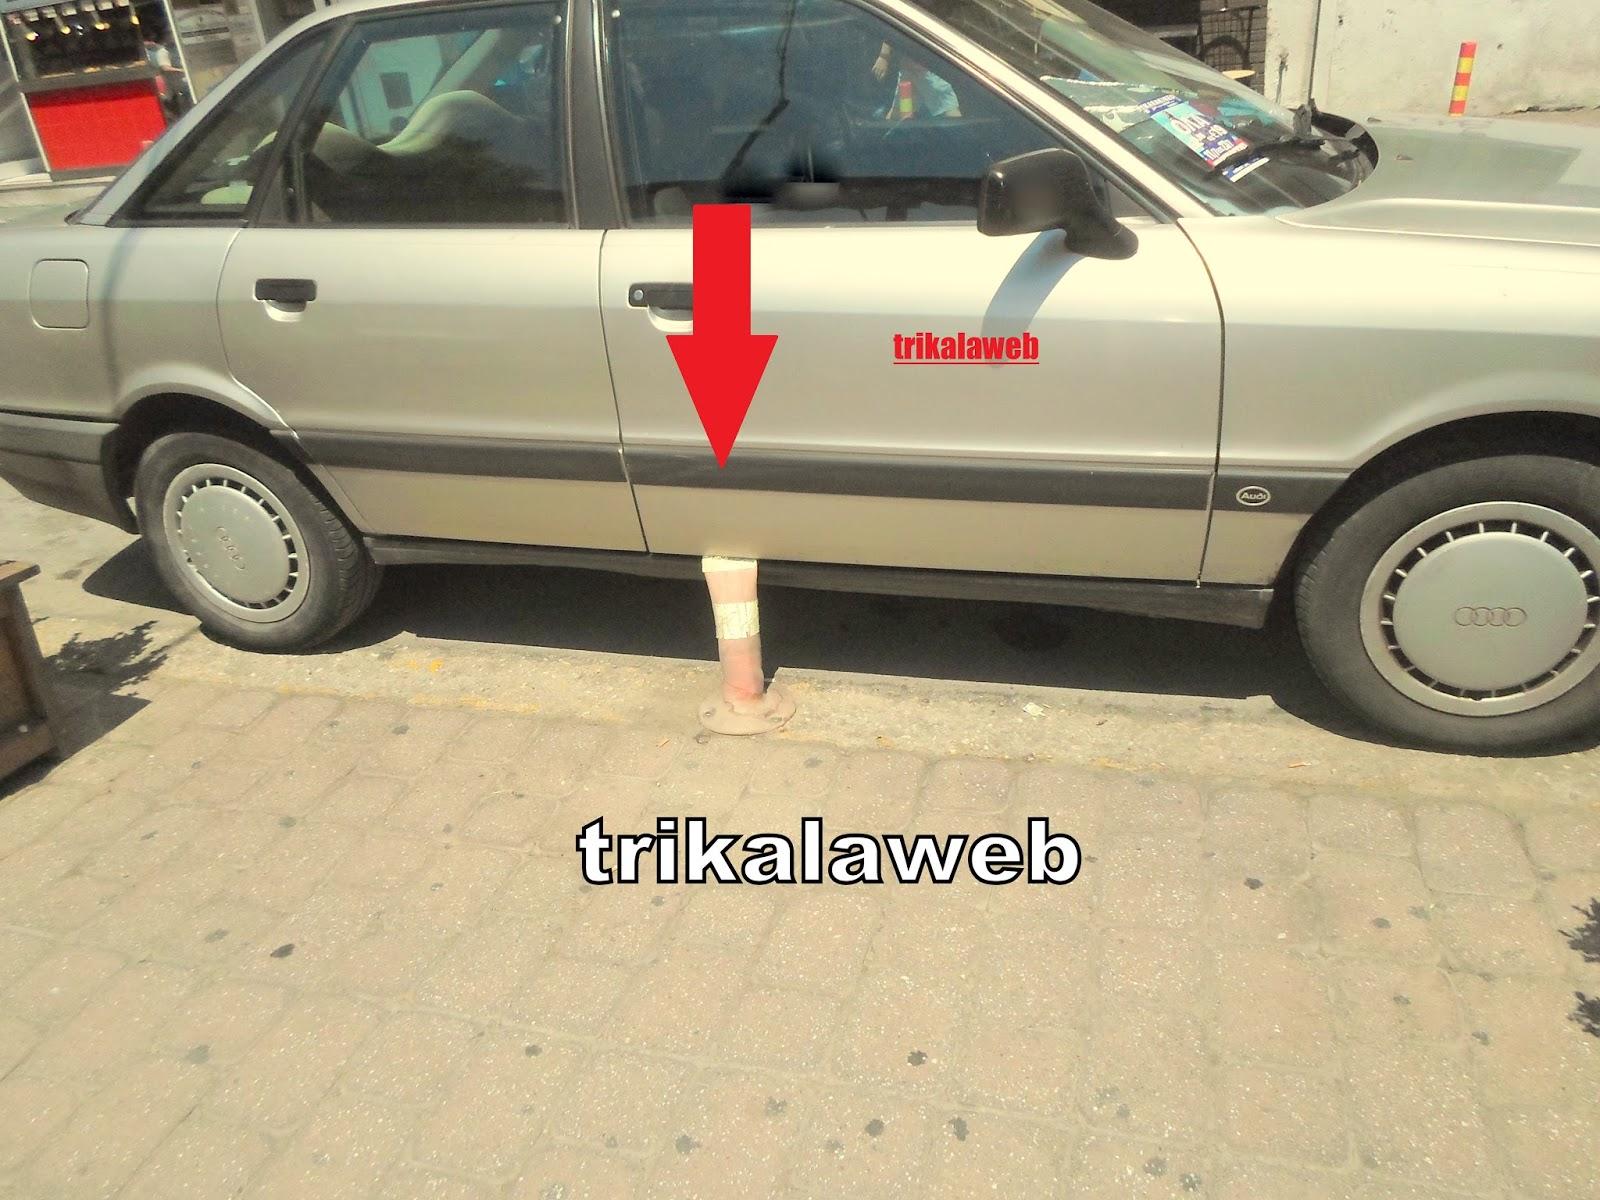 Το απίστευτο παρκάρισμα στα Τρίκαλα που έγινε viral!